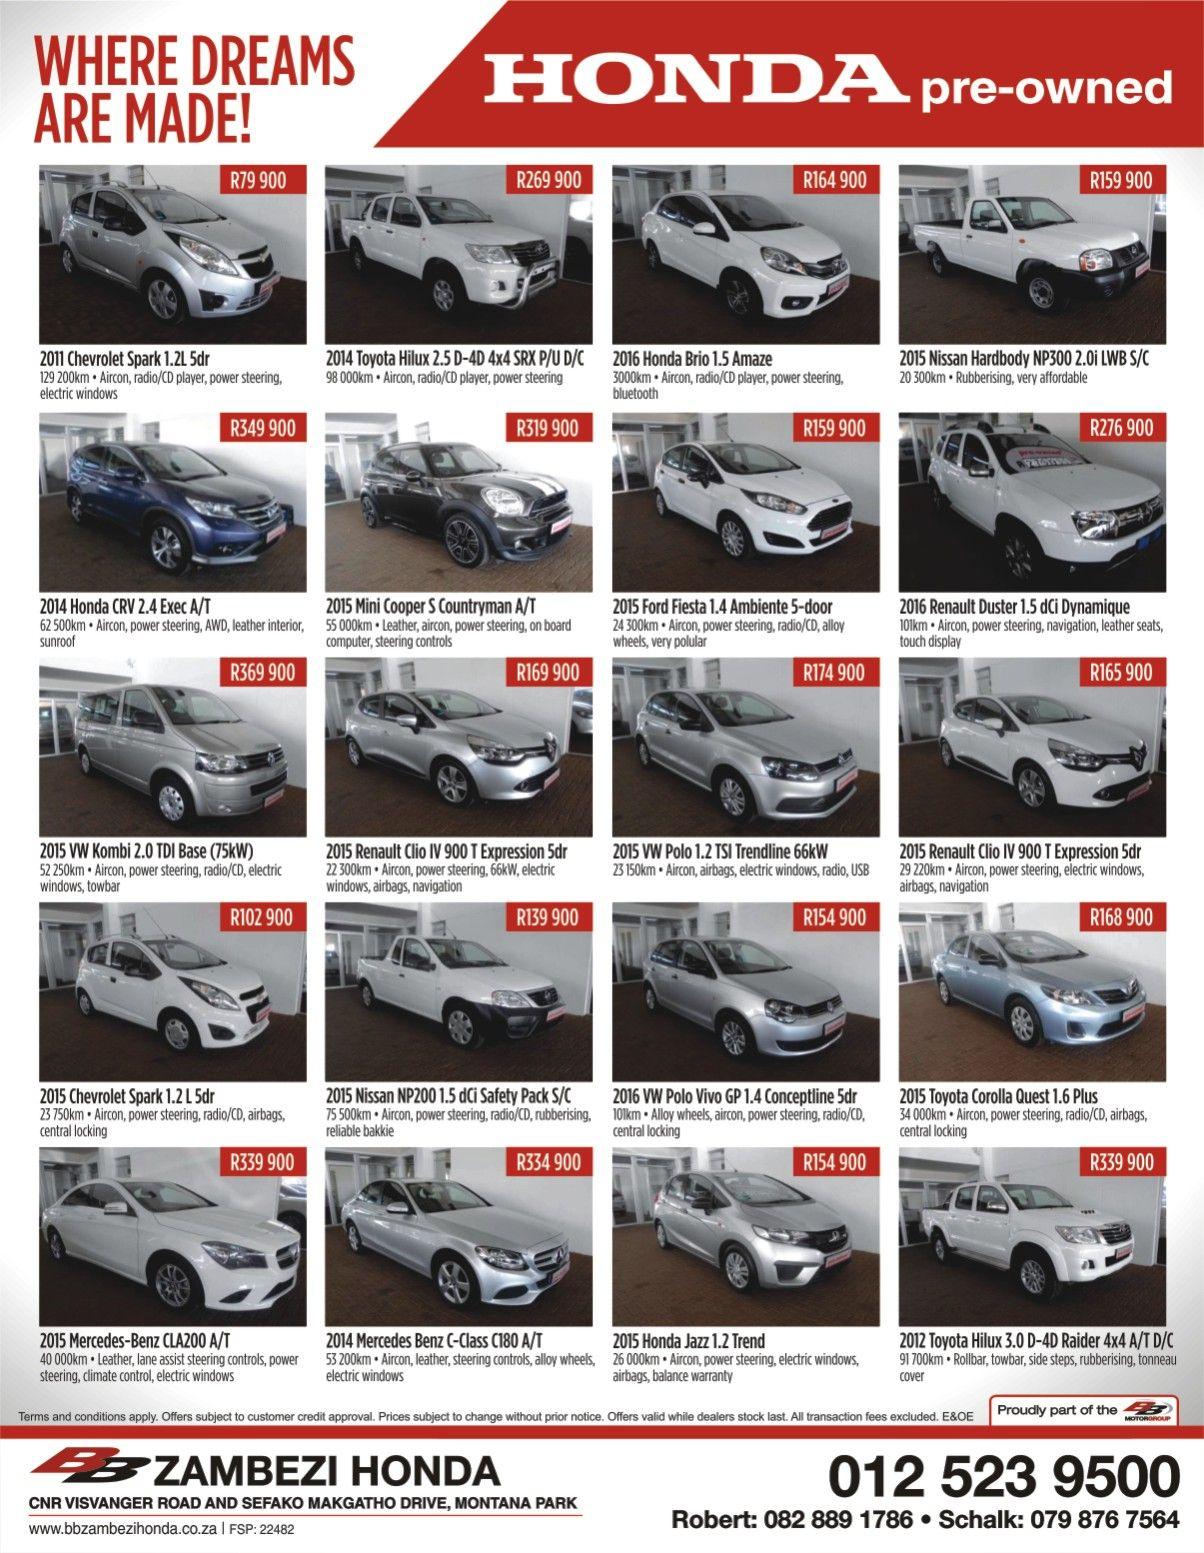 Polo Vivo For Sale In Pretoria Olx | ANLIS